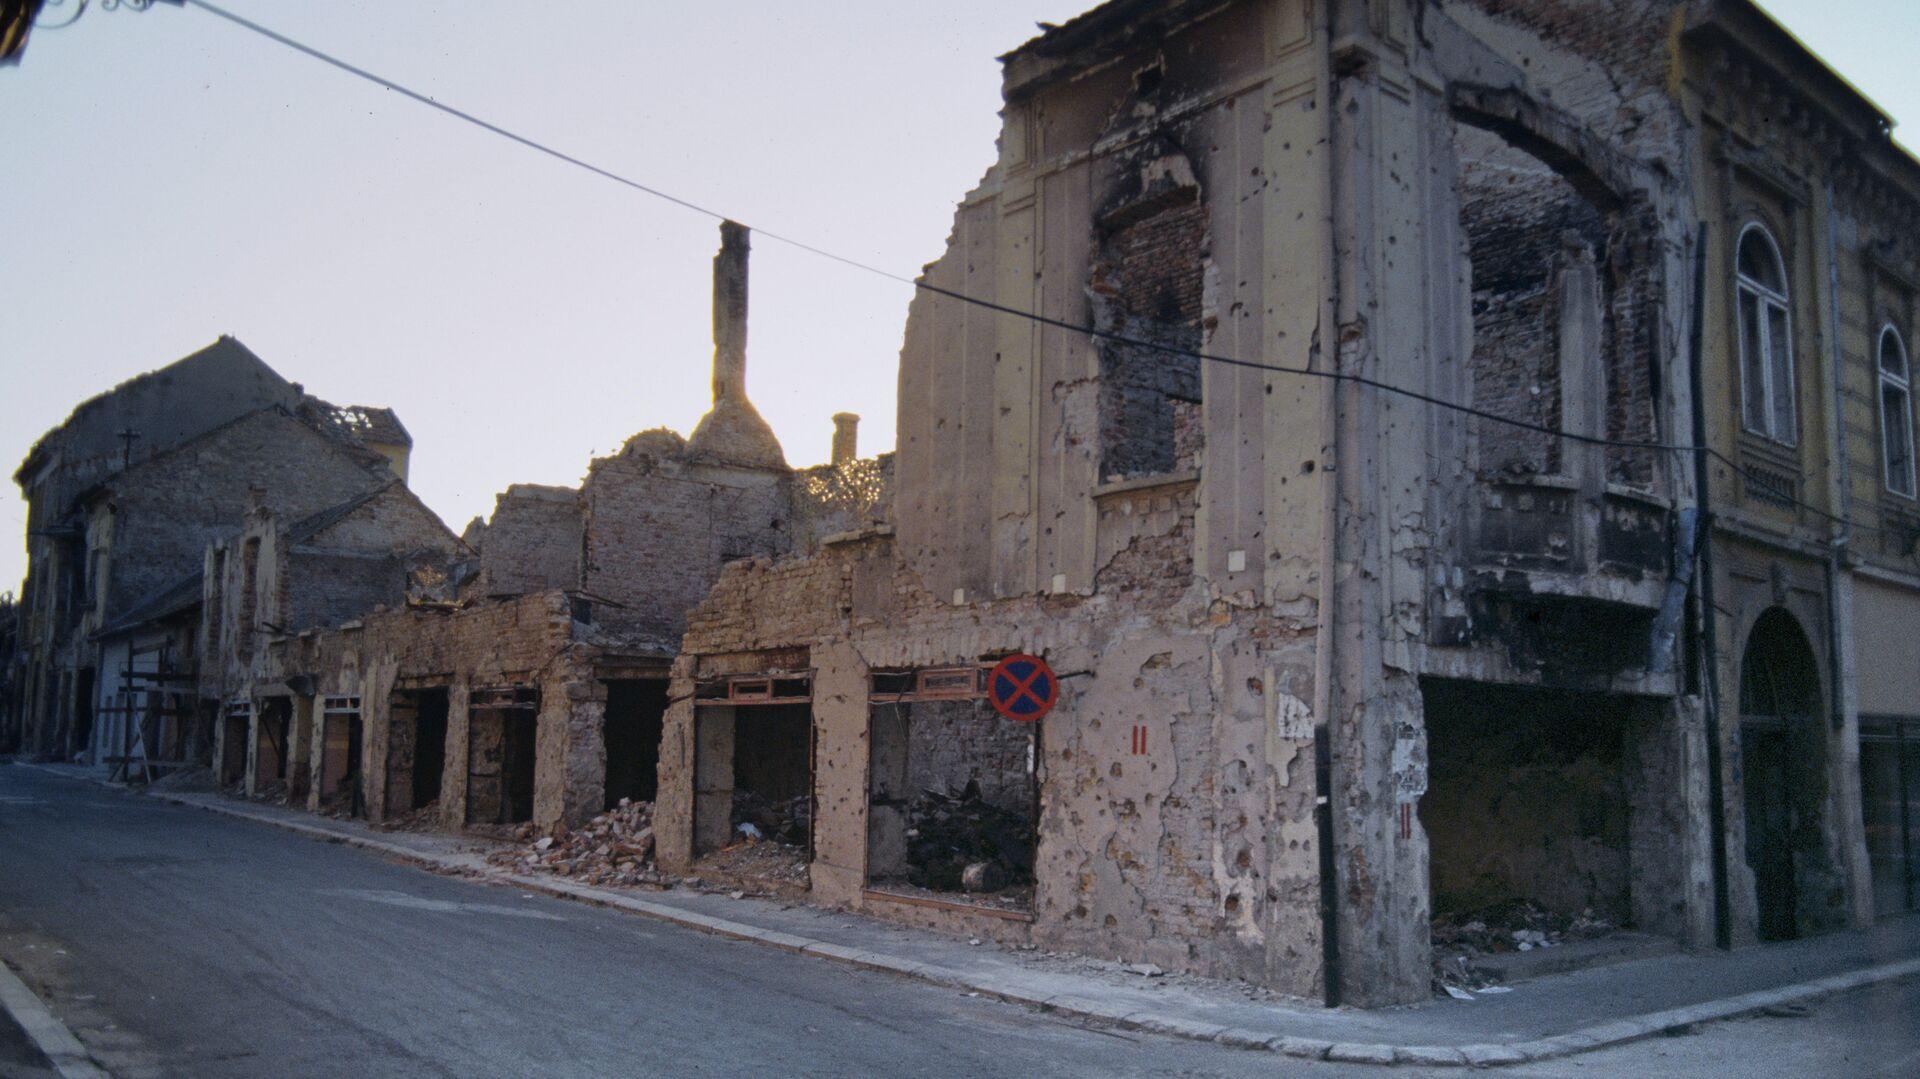 Югославия. Разрушенные дома после обстрелов и бомбежки. Архивное фото - РИА Новости, 1920, 07.10.2018